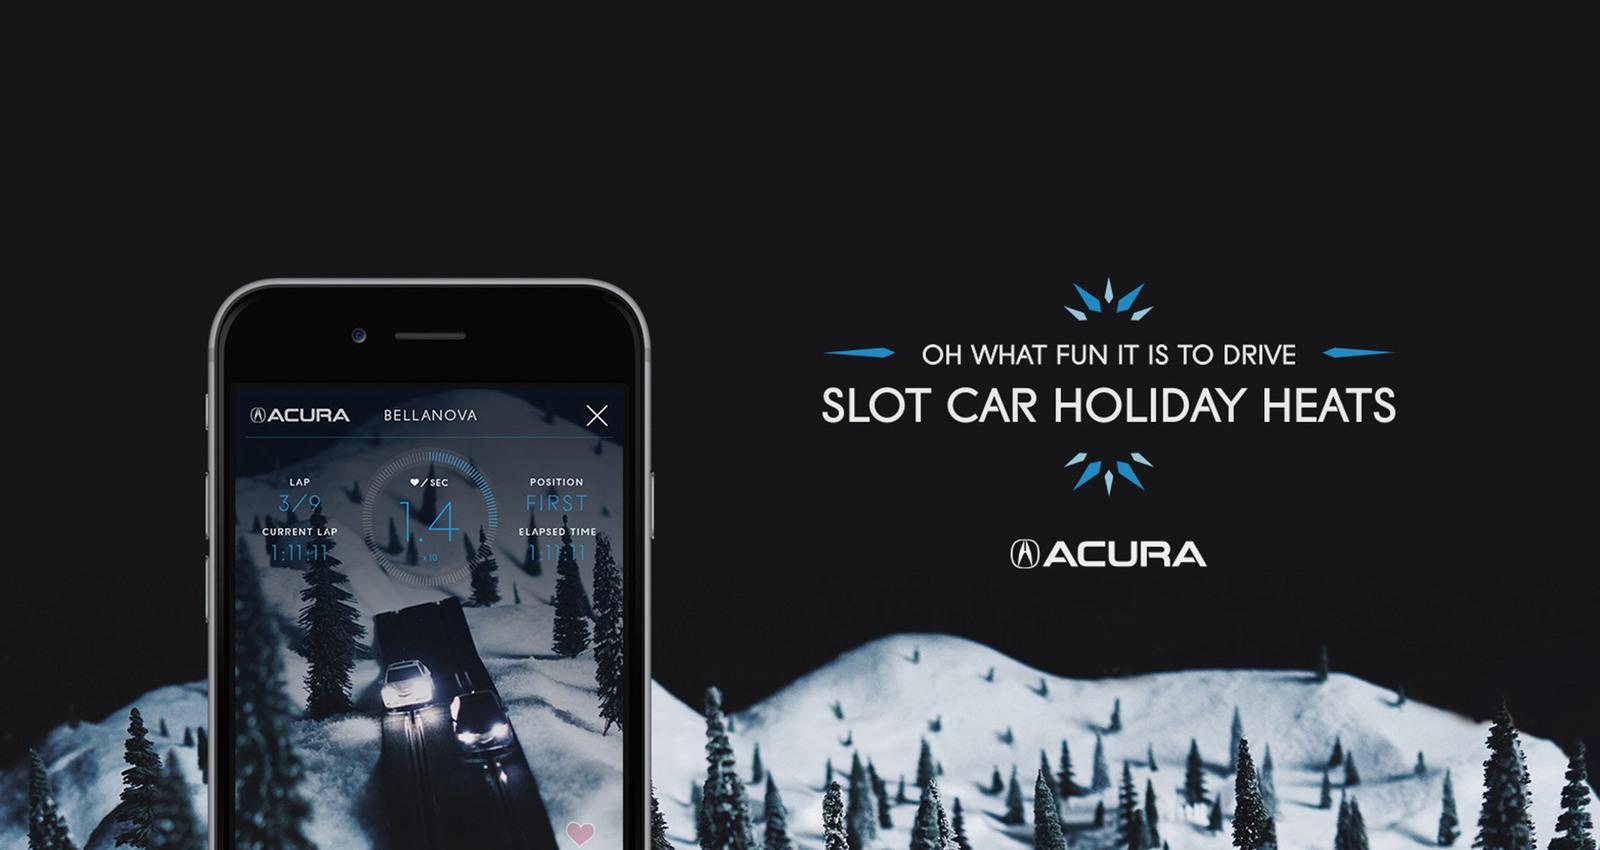 Slot Car Holiday Heats